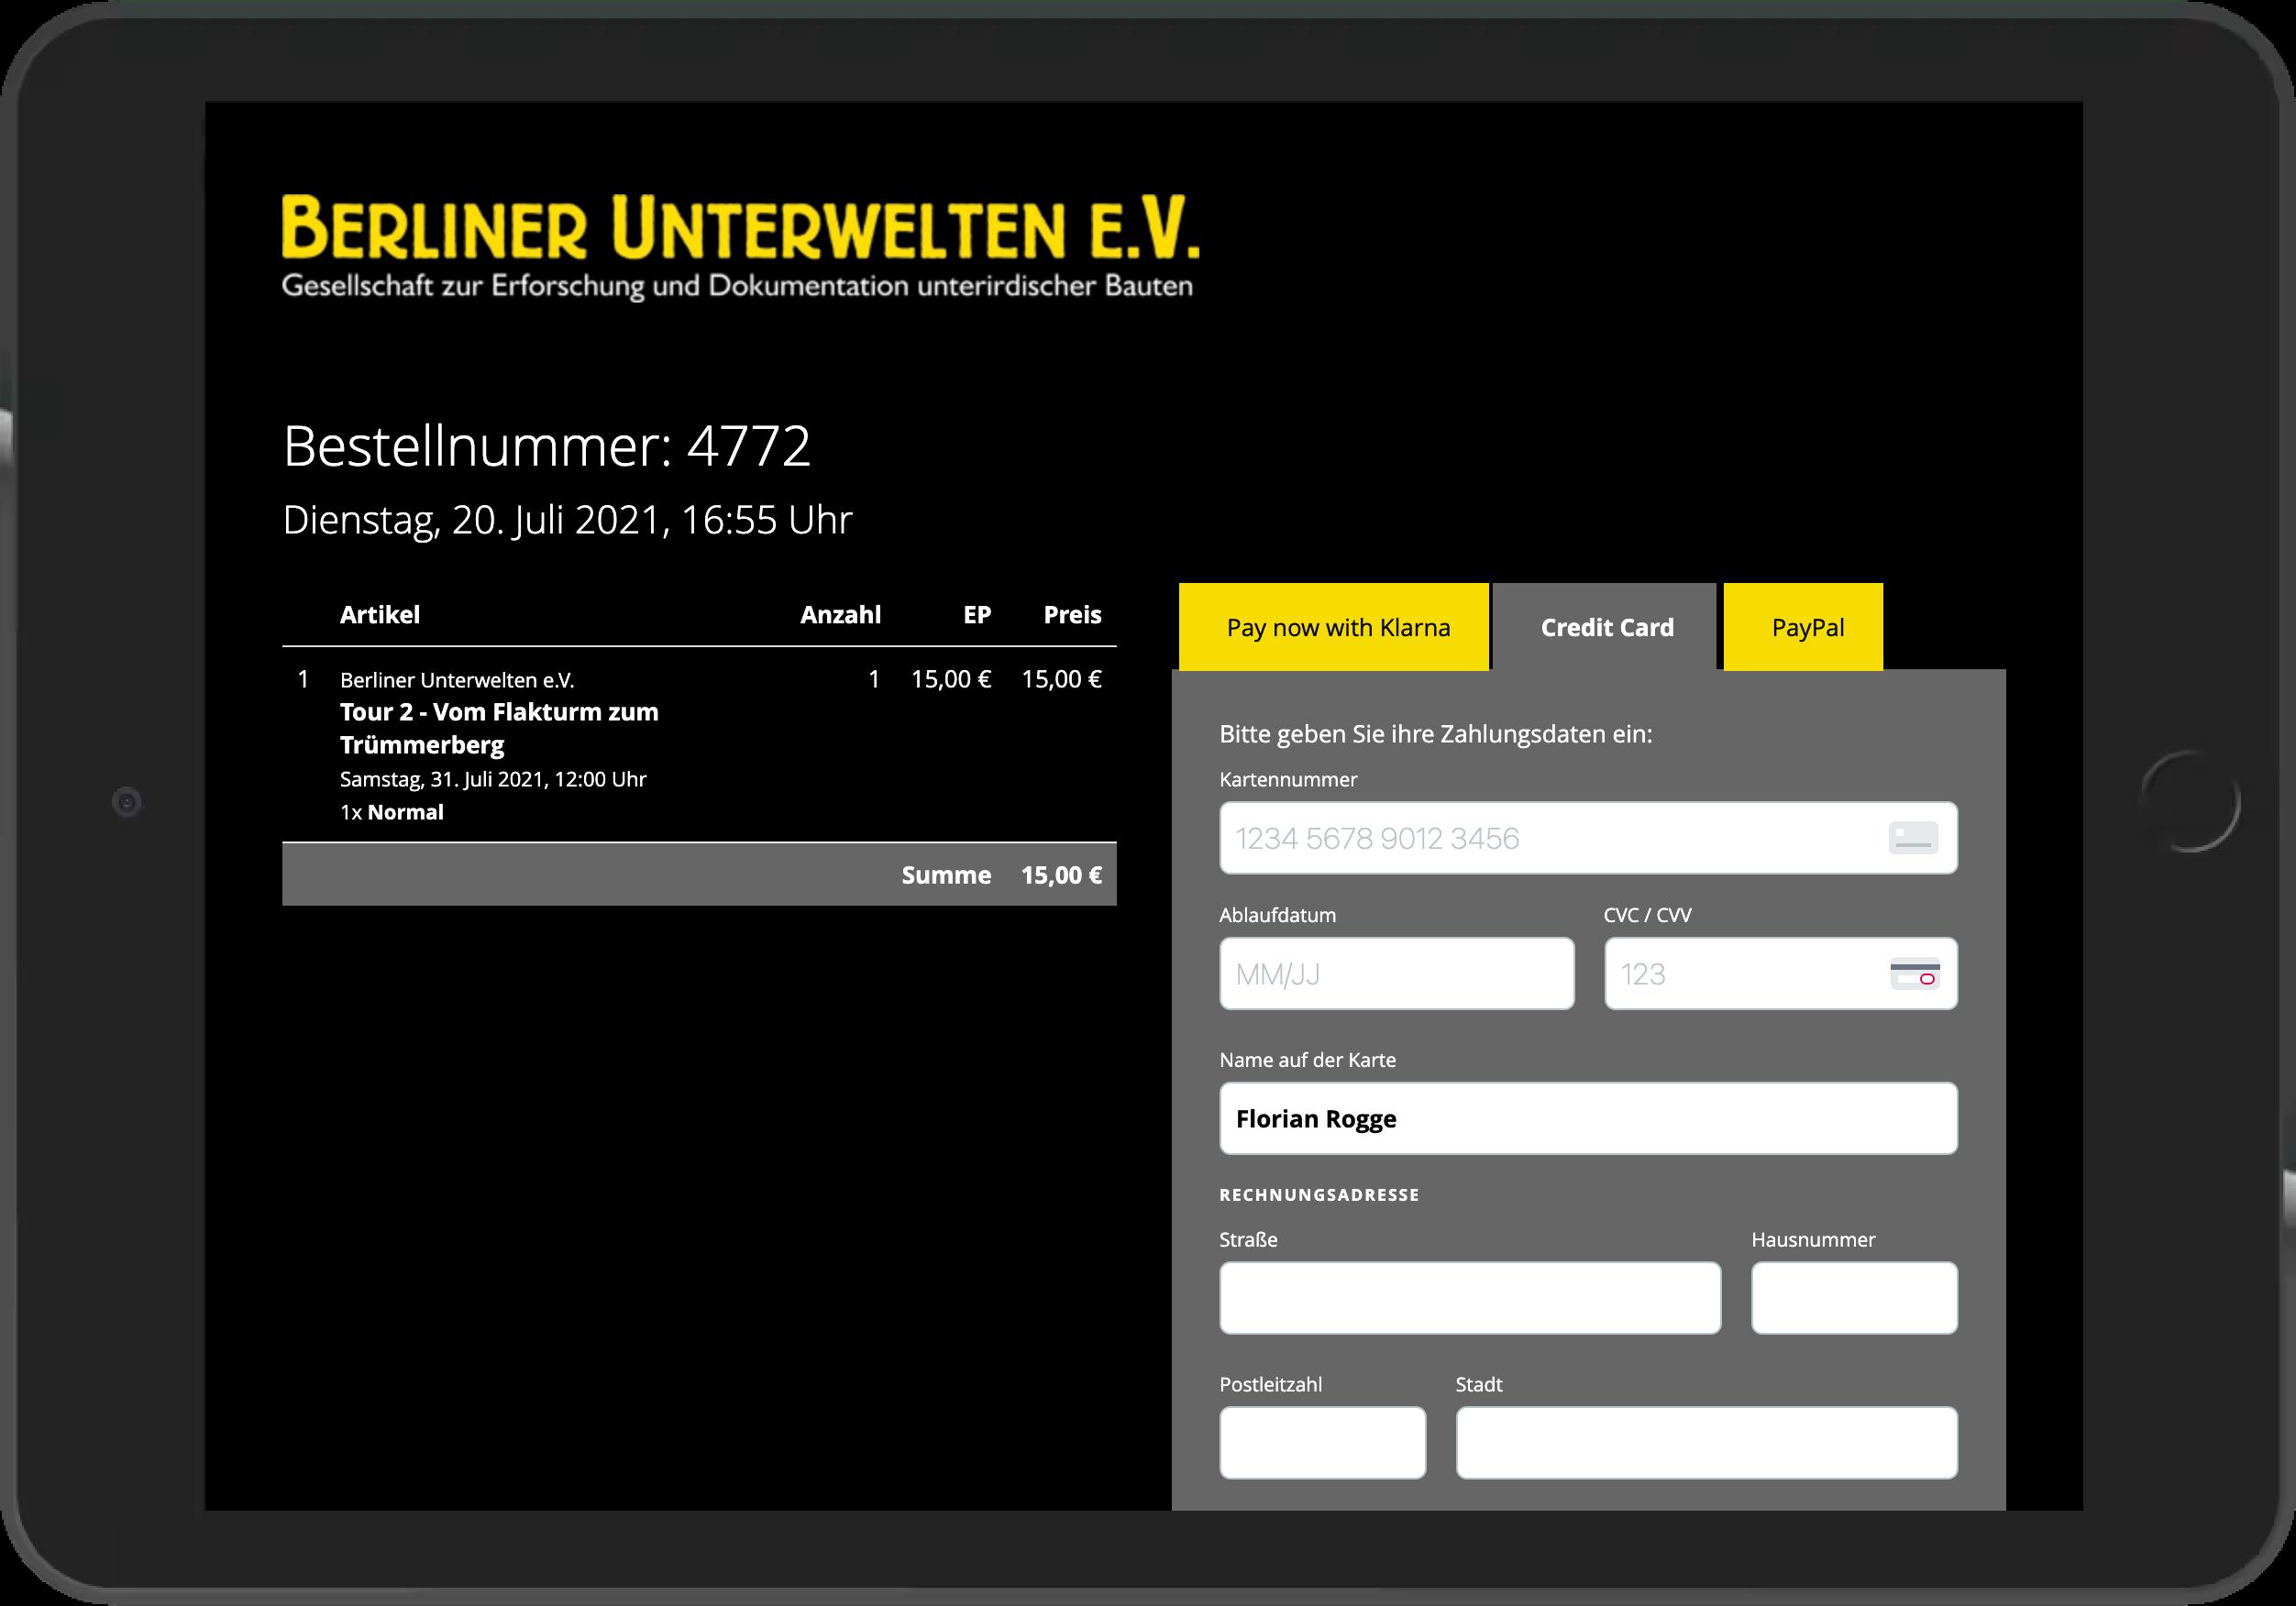 Screenshot der Bezahlung per Kreditkarte im Online-Shop der Berliner Unterwelten